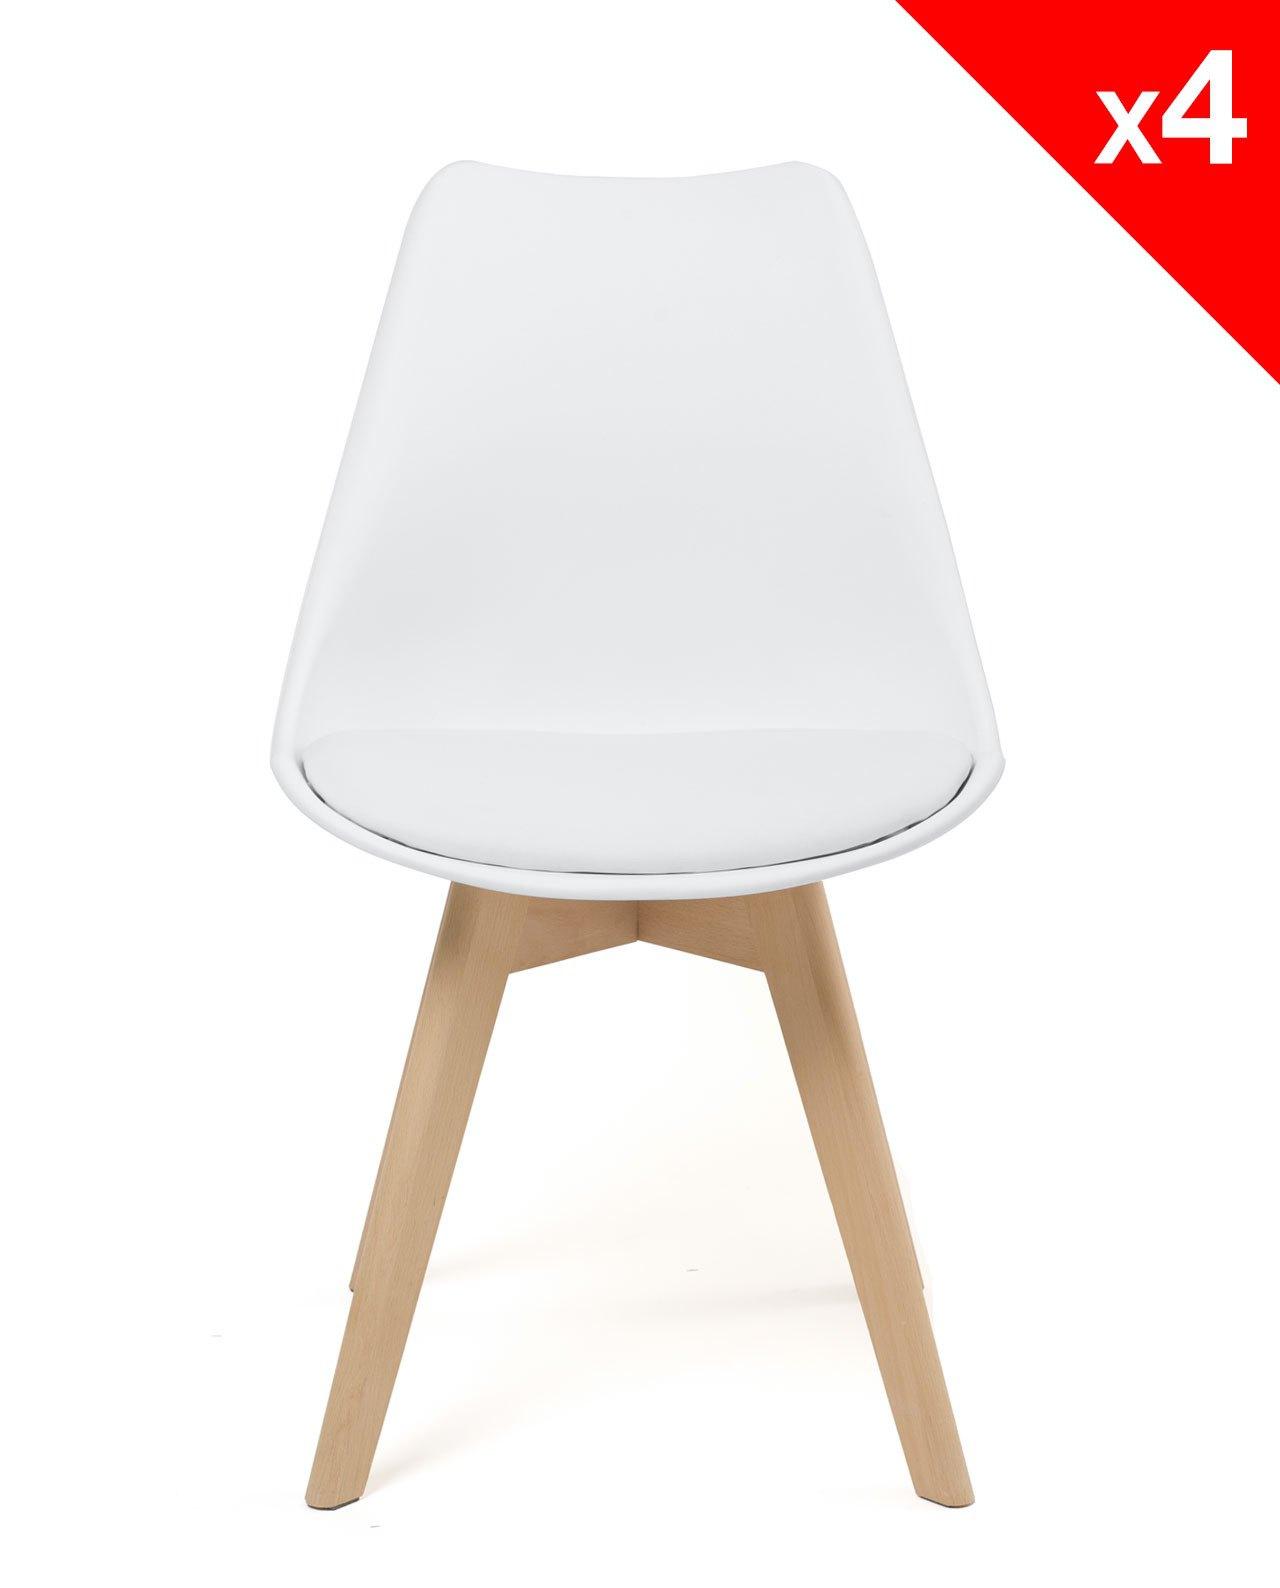 Lao lot de 4 chaises scandinave rembourr es - Chaise nordique ...